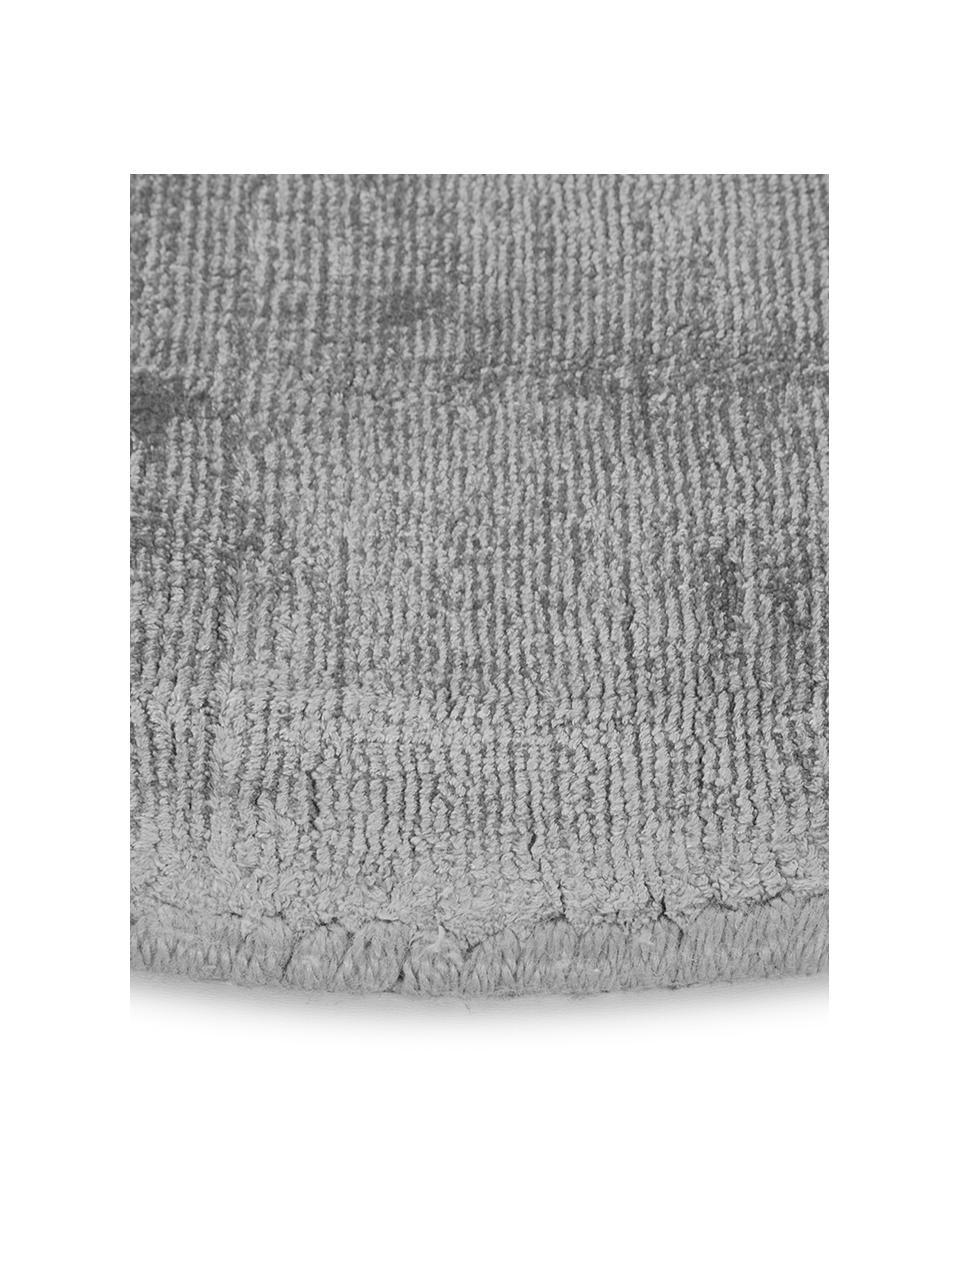 Rond viscose vloerkleed Jane in grijs, handgeweven, Bovenzijde: 100% viscose, Onderzijde: 100% katoen, Grijs, Ø 200 cm (maat L)